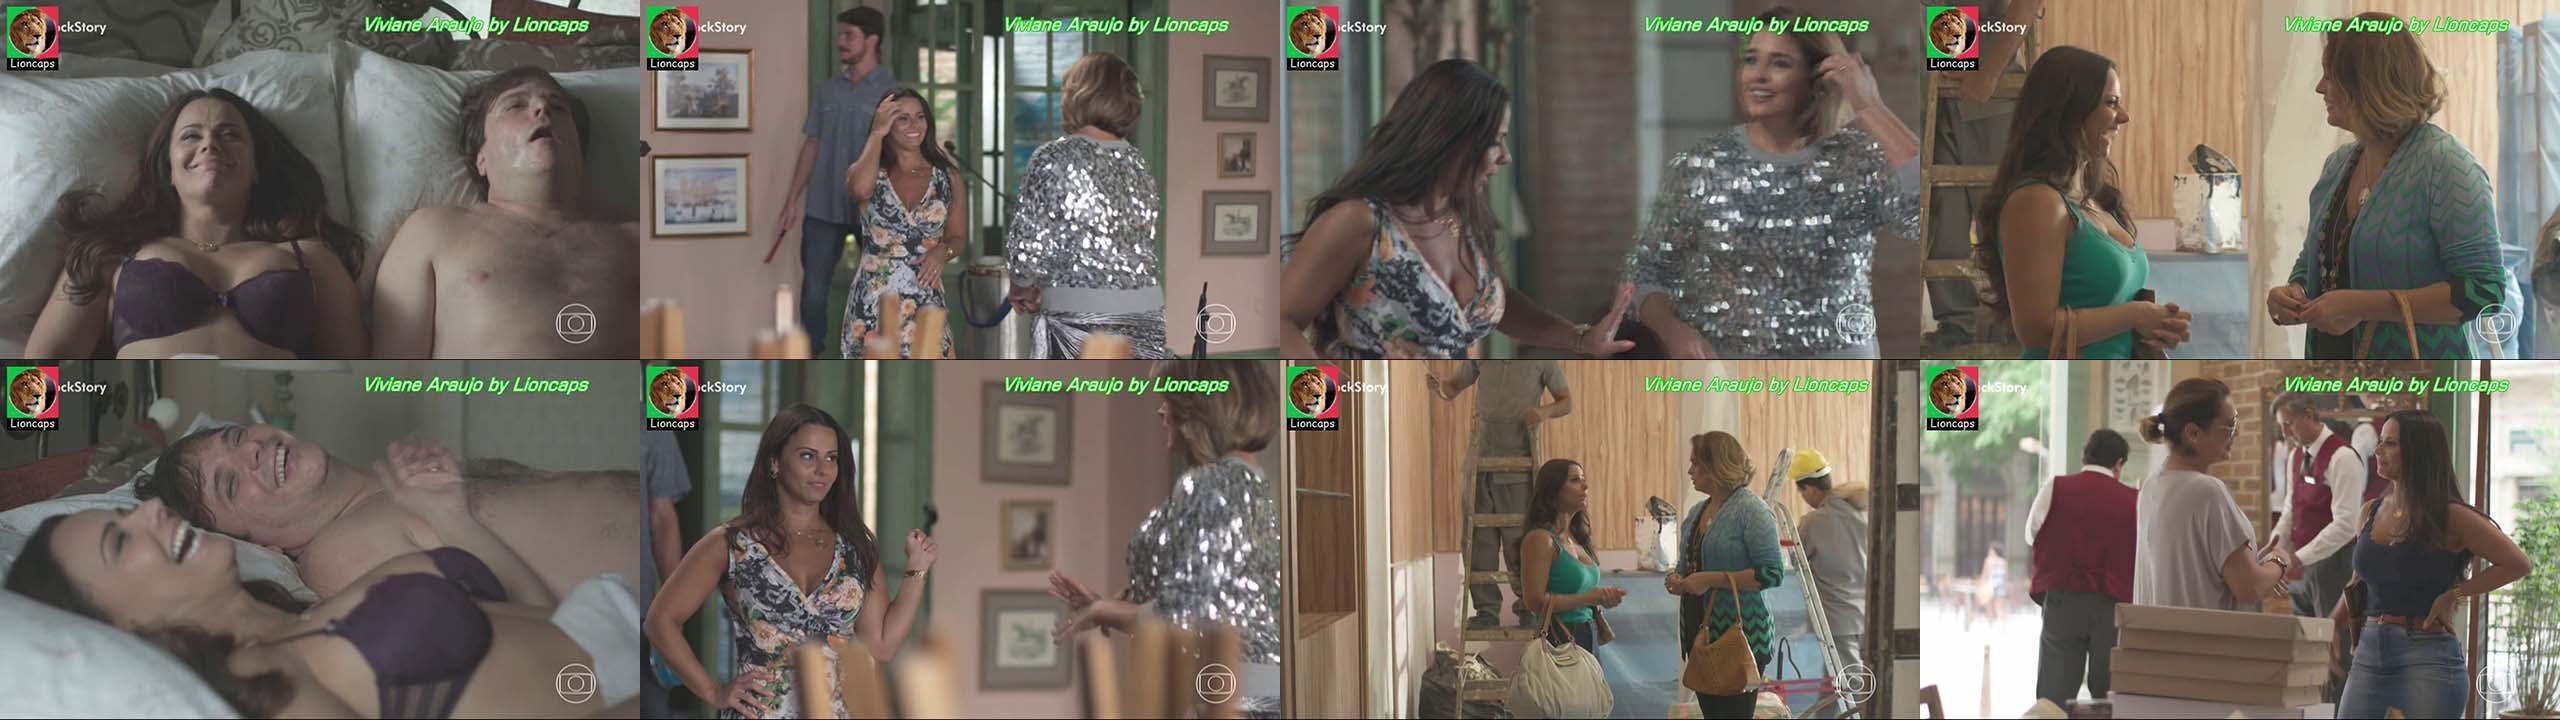 391696255_viviane_araujo_rock_story_1080_lioncaps_16_03_2018_20_122_88lo.jpg